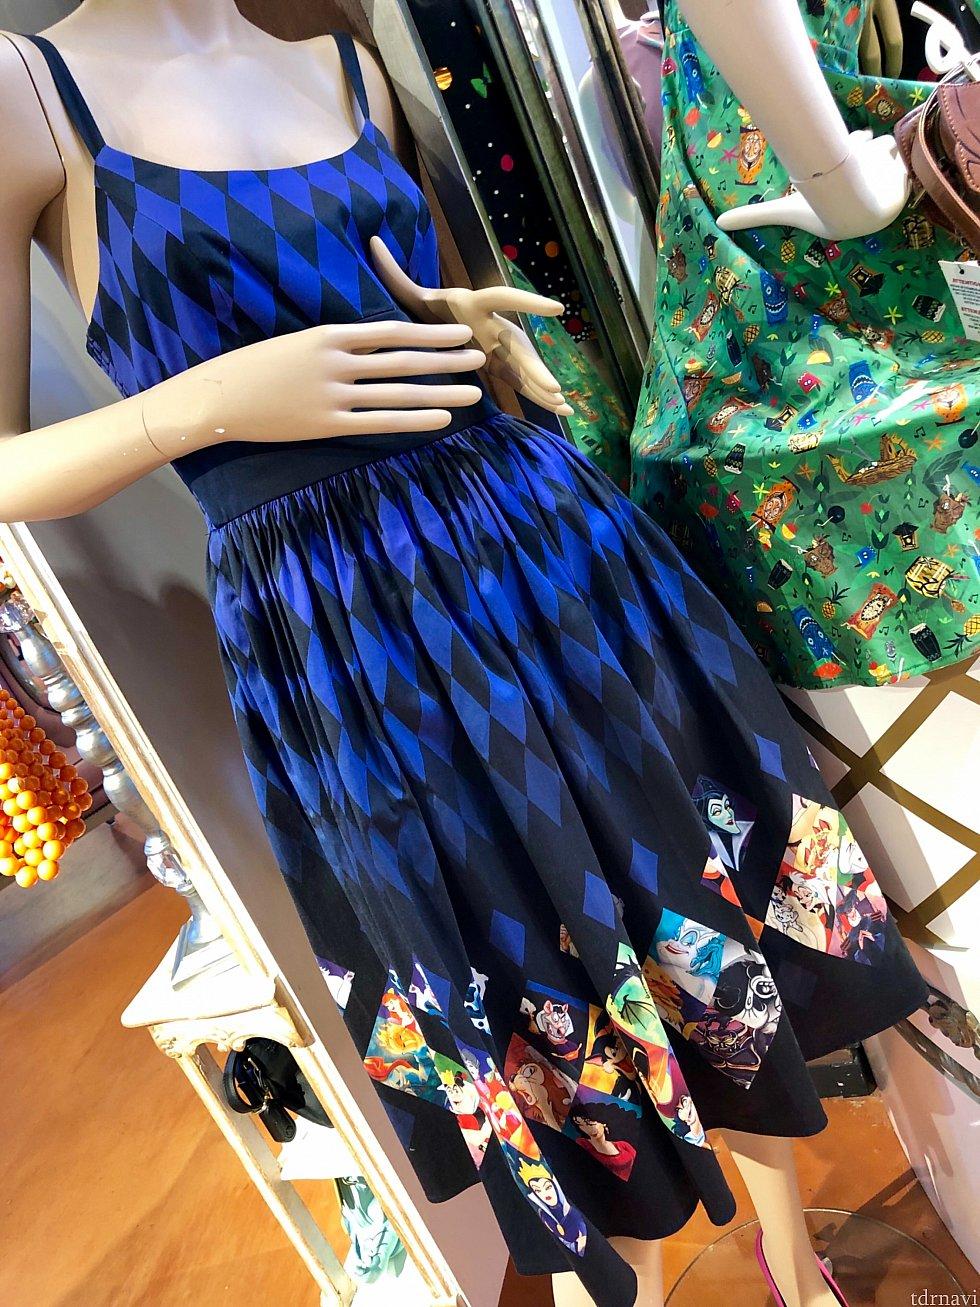 ディズニービランズのドレス。